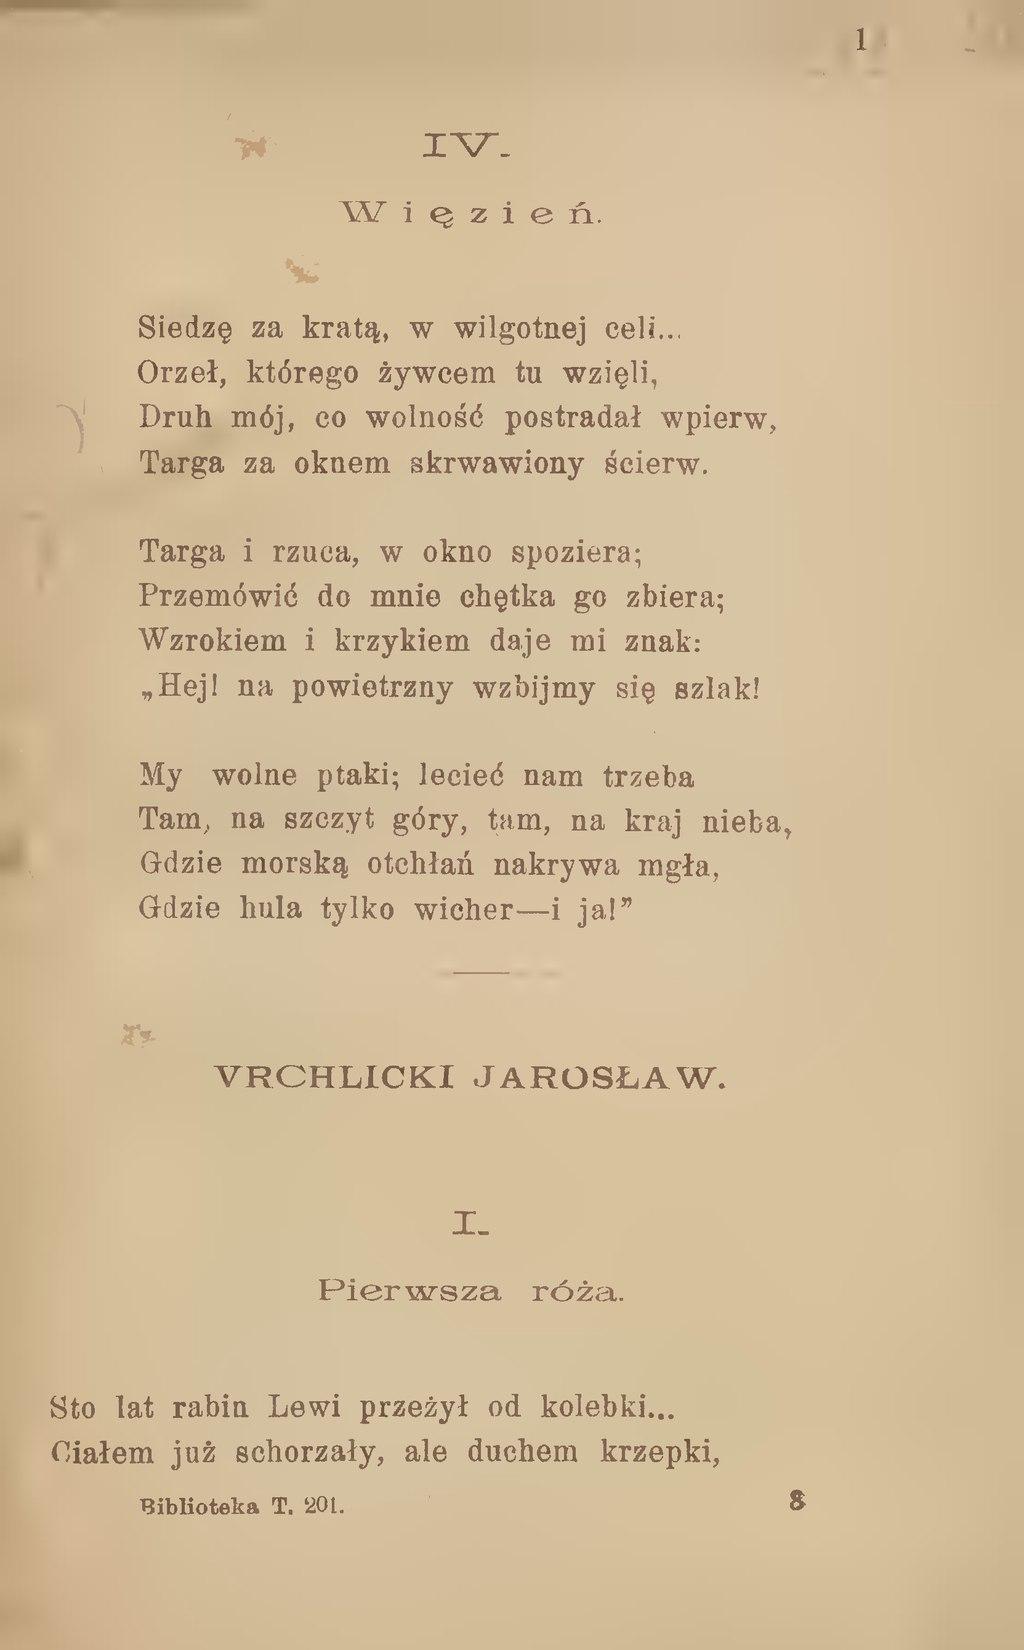 Stronagomulickiego Wiktora Wiersze Zbiór Nowydjvu116